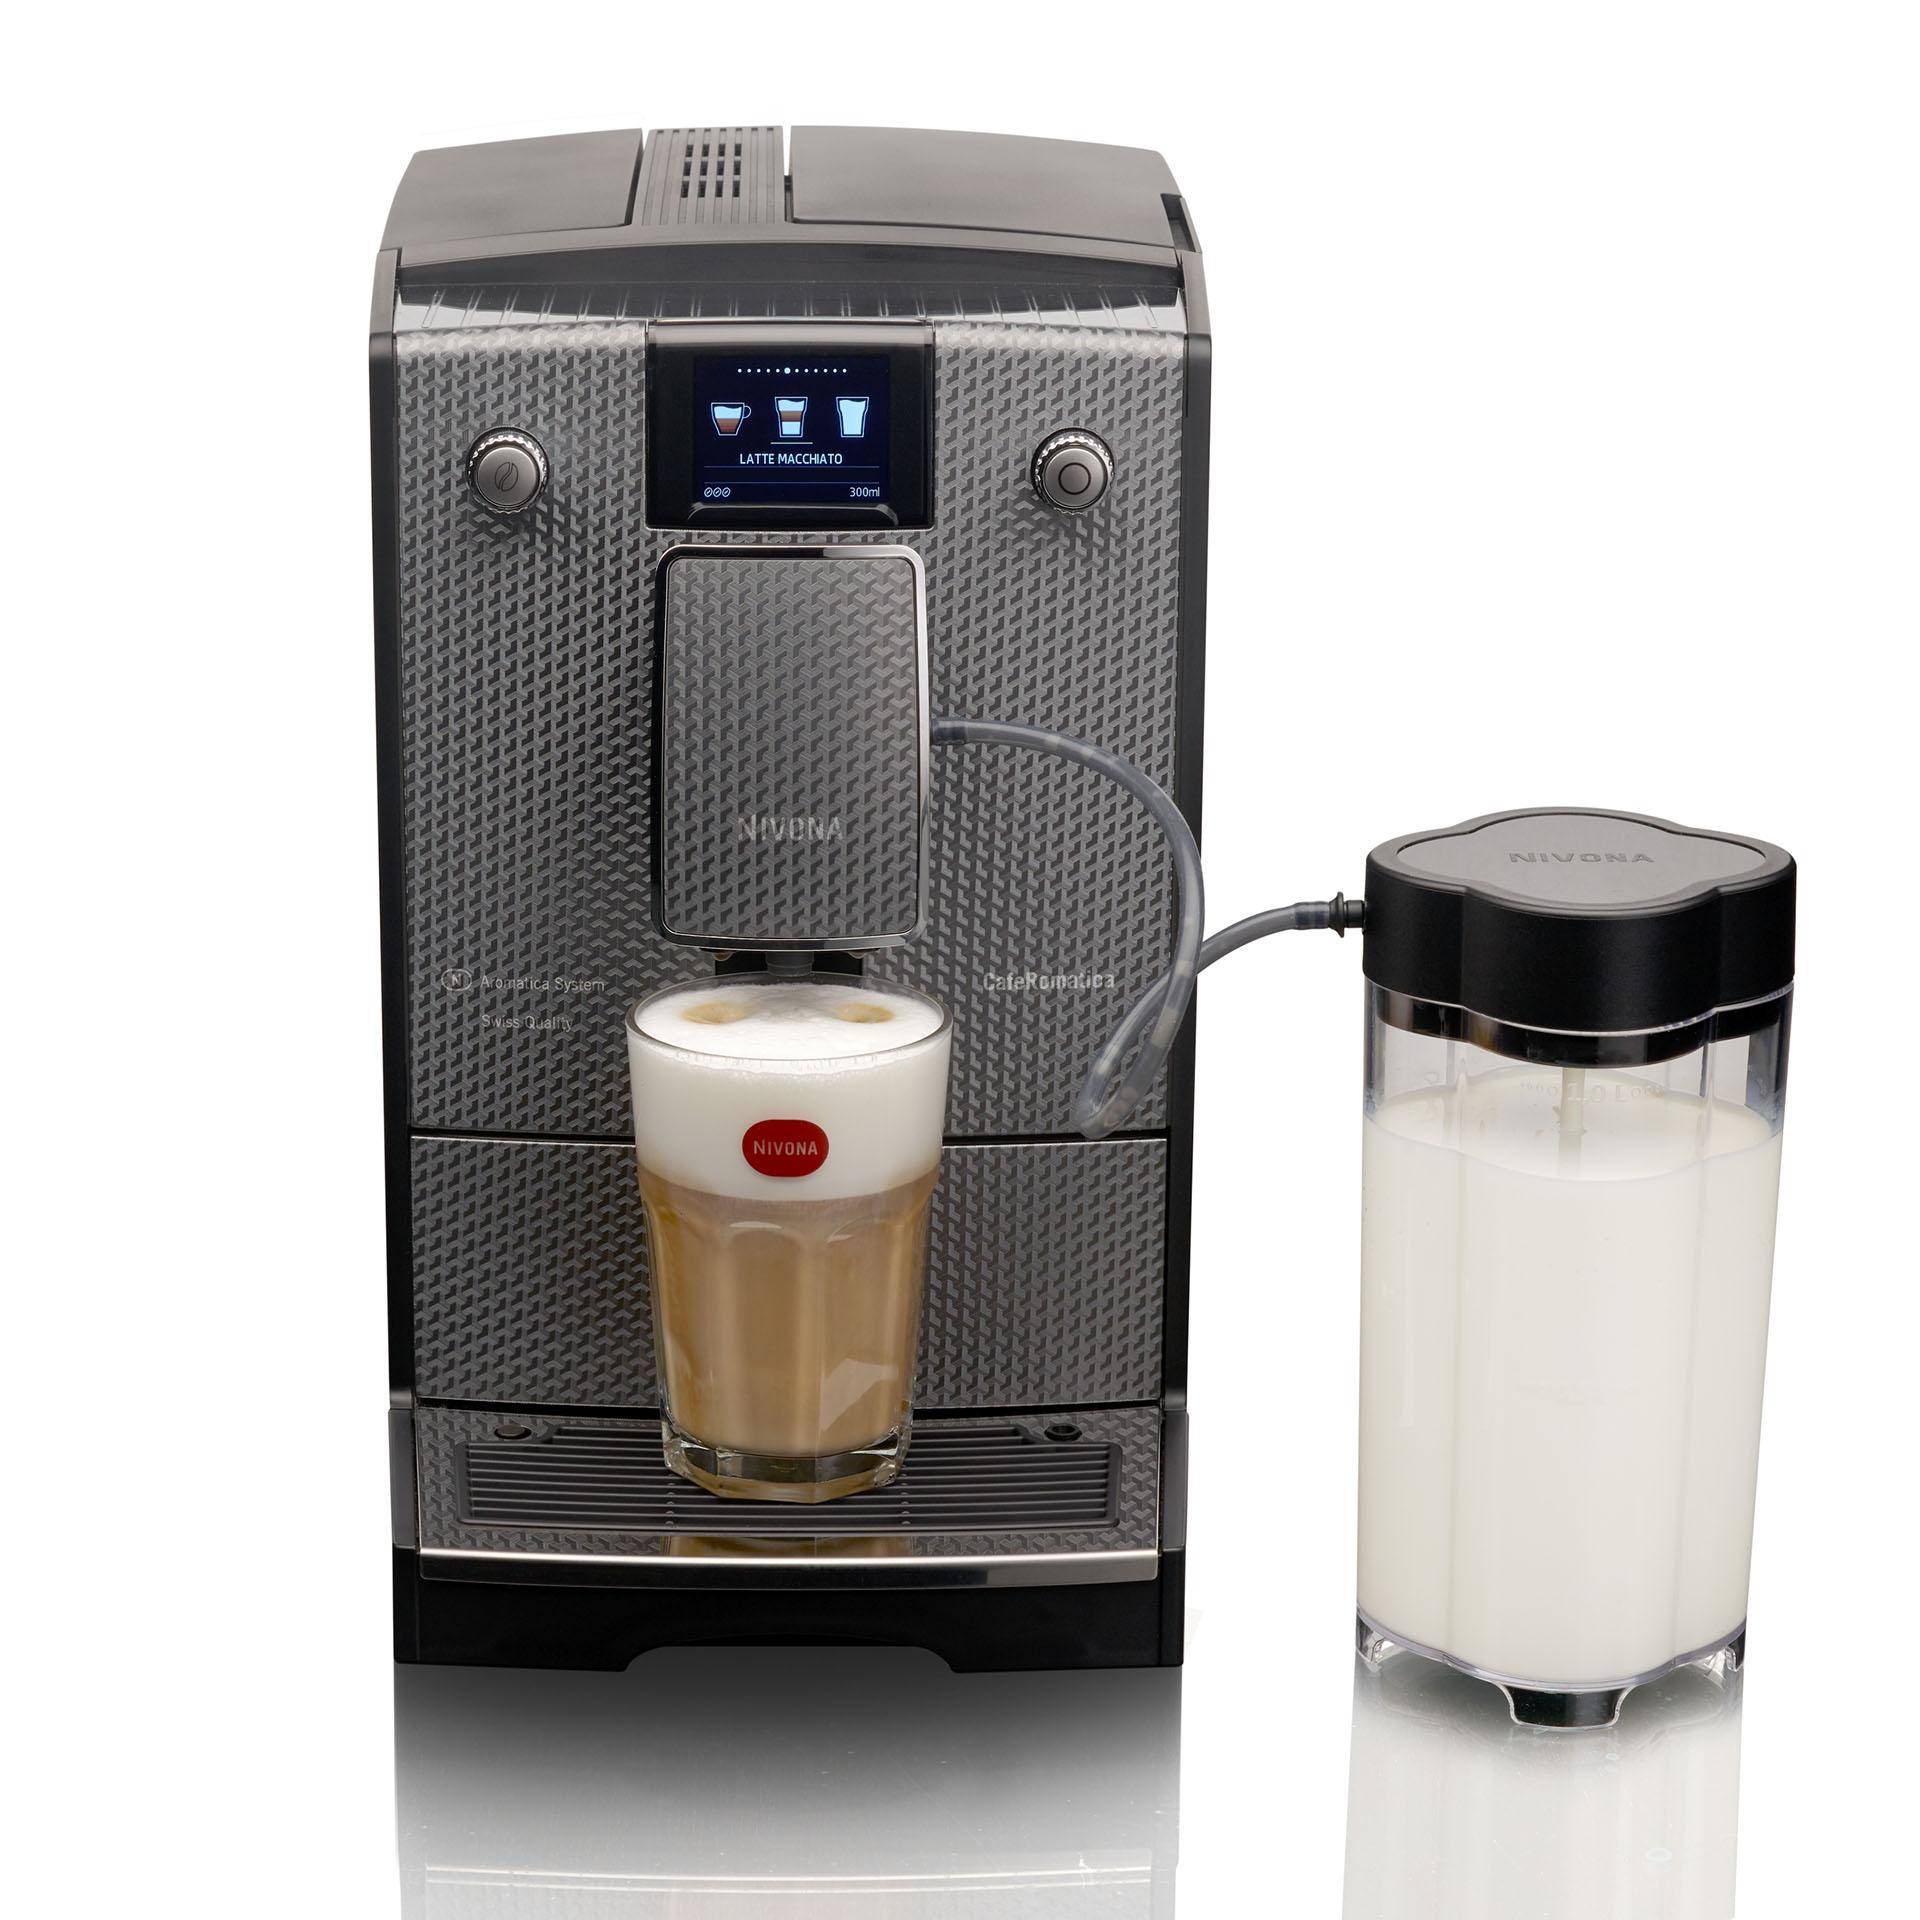 CafeRomatica 789